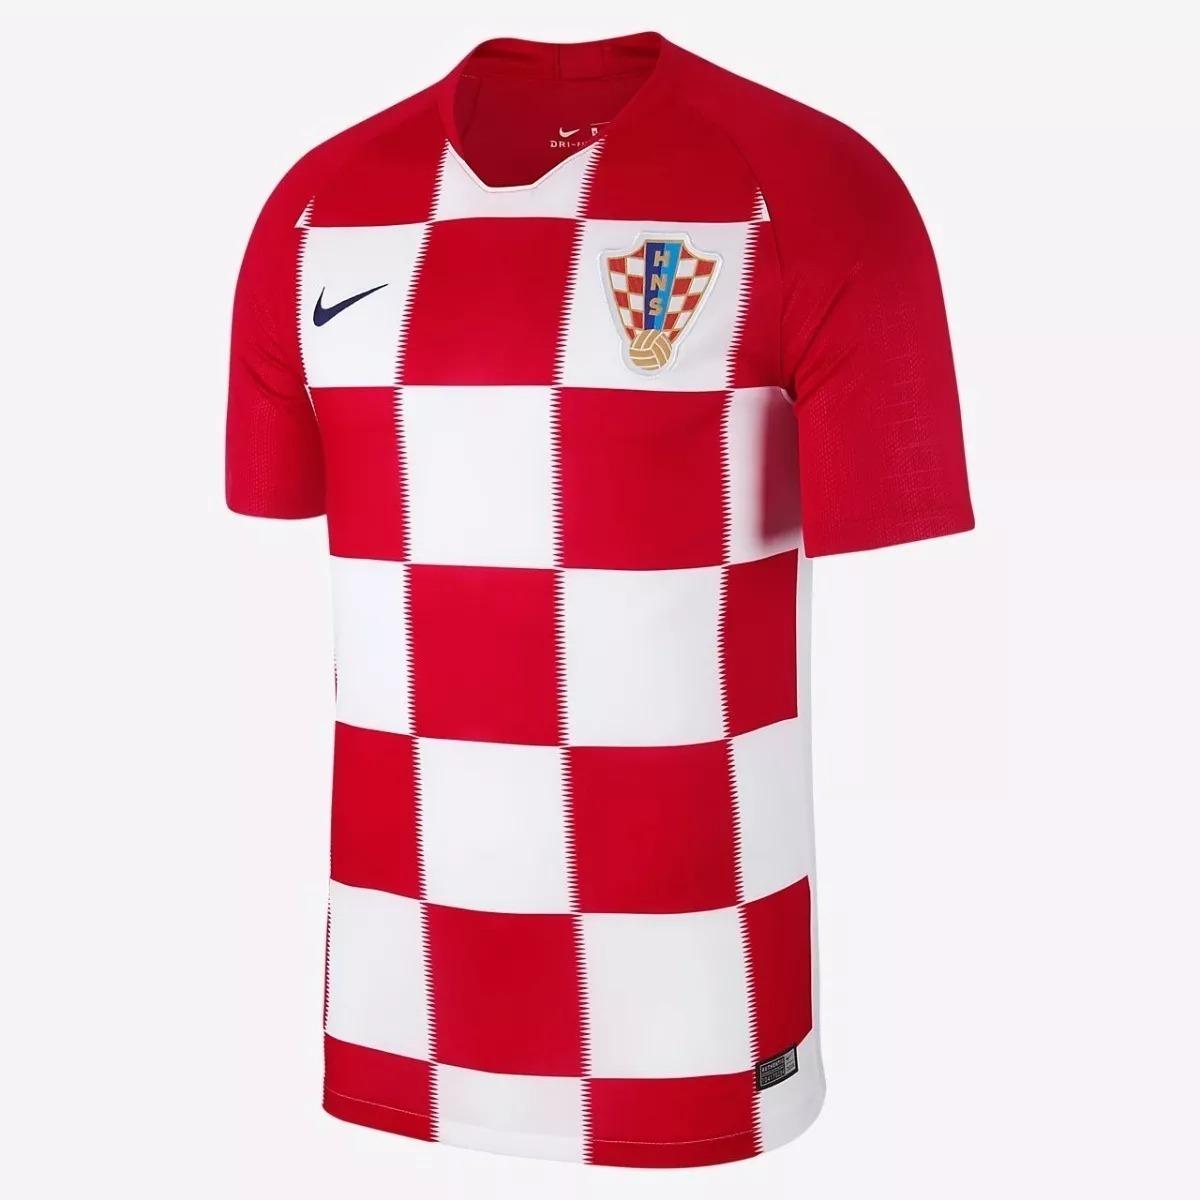 76a0b14459223 Camiseta Selección Croacia  10 Modric (titular Mundial 2018 ...